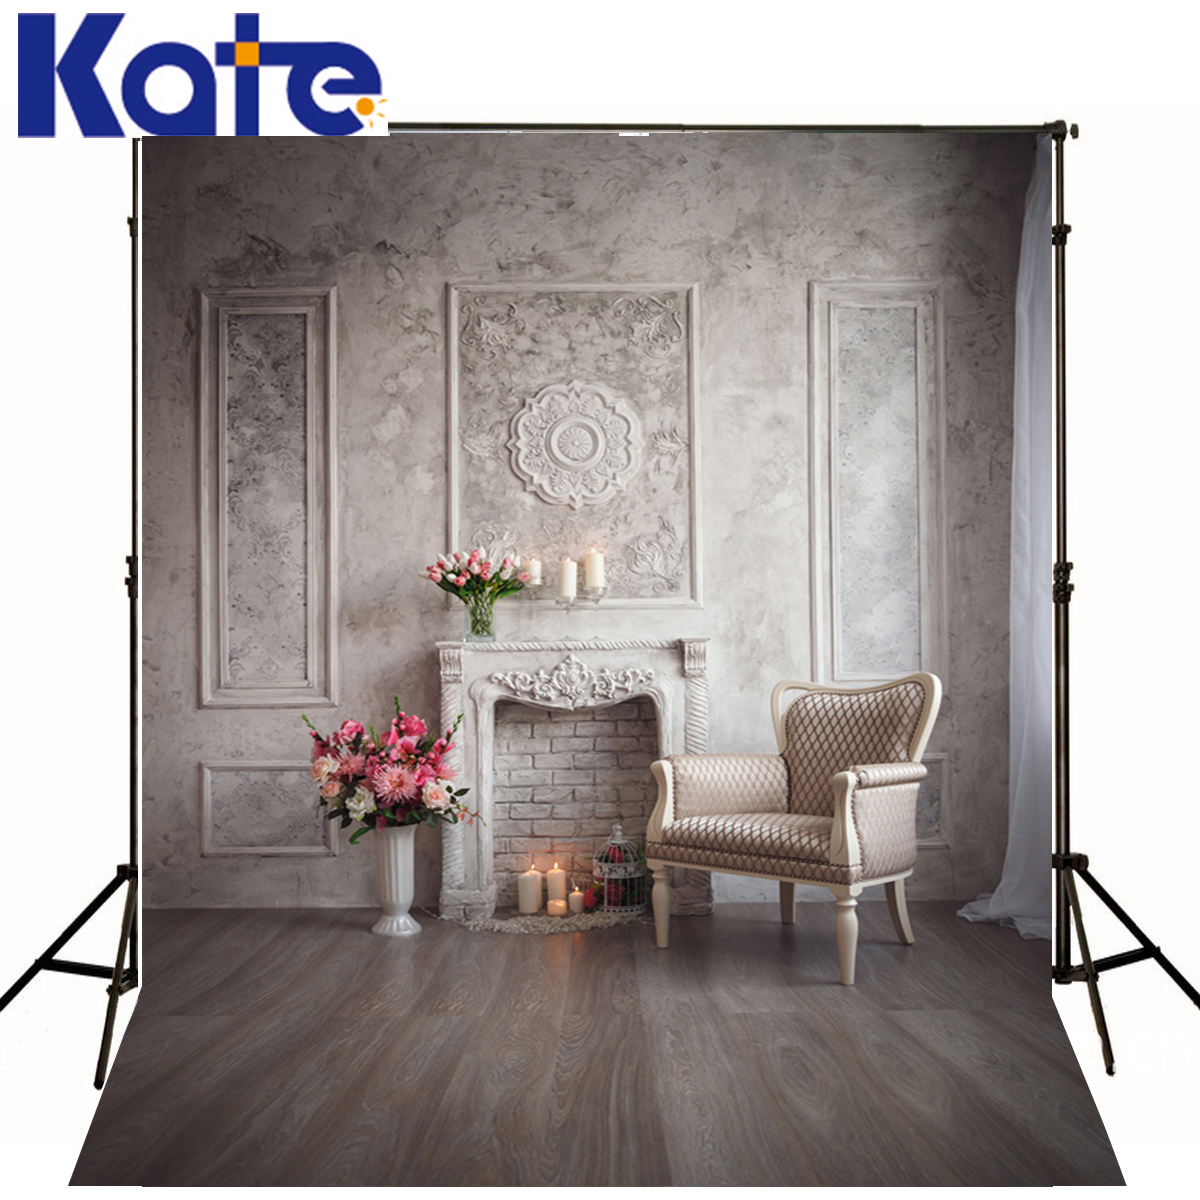 KATE Famille Fond photo Mur Blanc Chaise Enfants Photographie Décors Rose Fleurs Fenêtre Fond Enfant Photo Studio